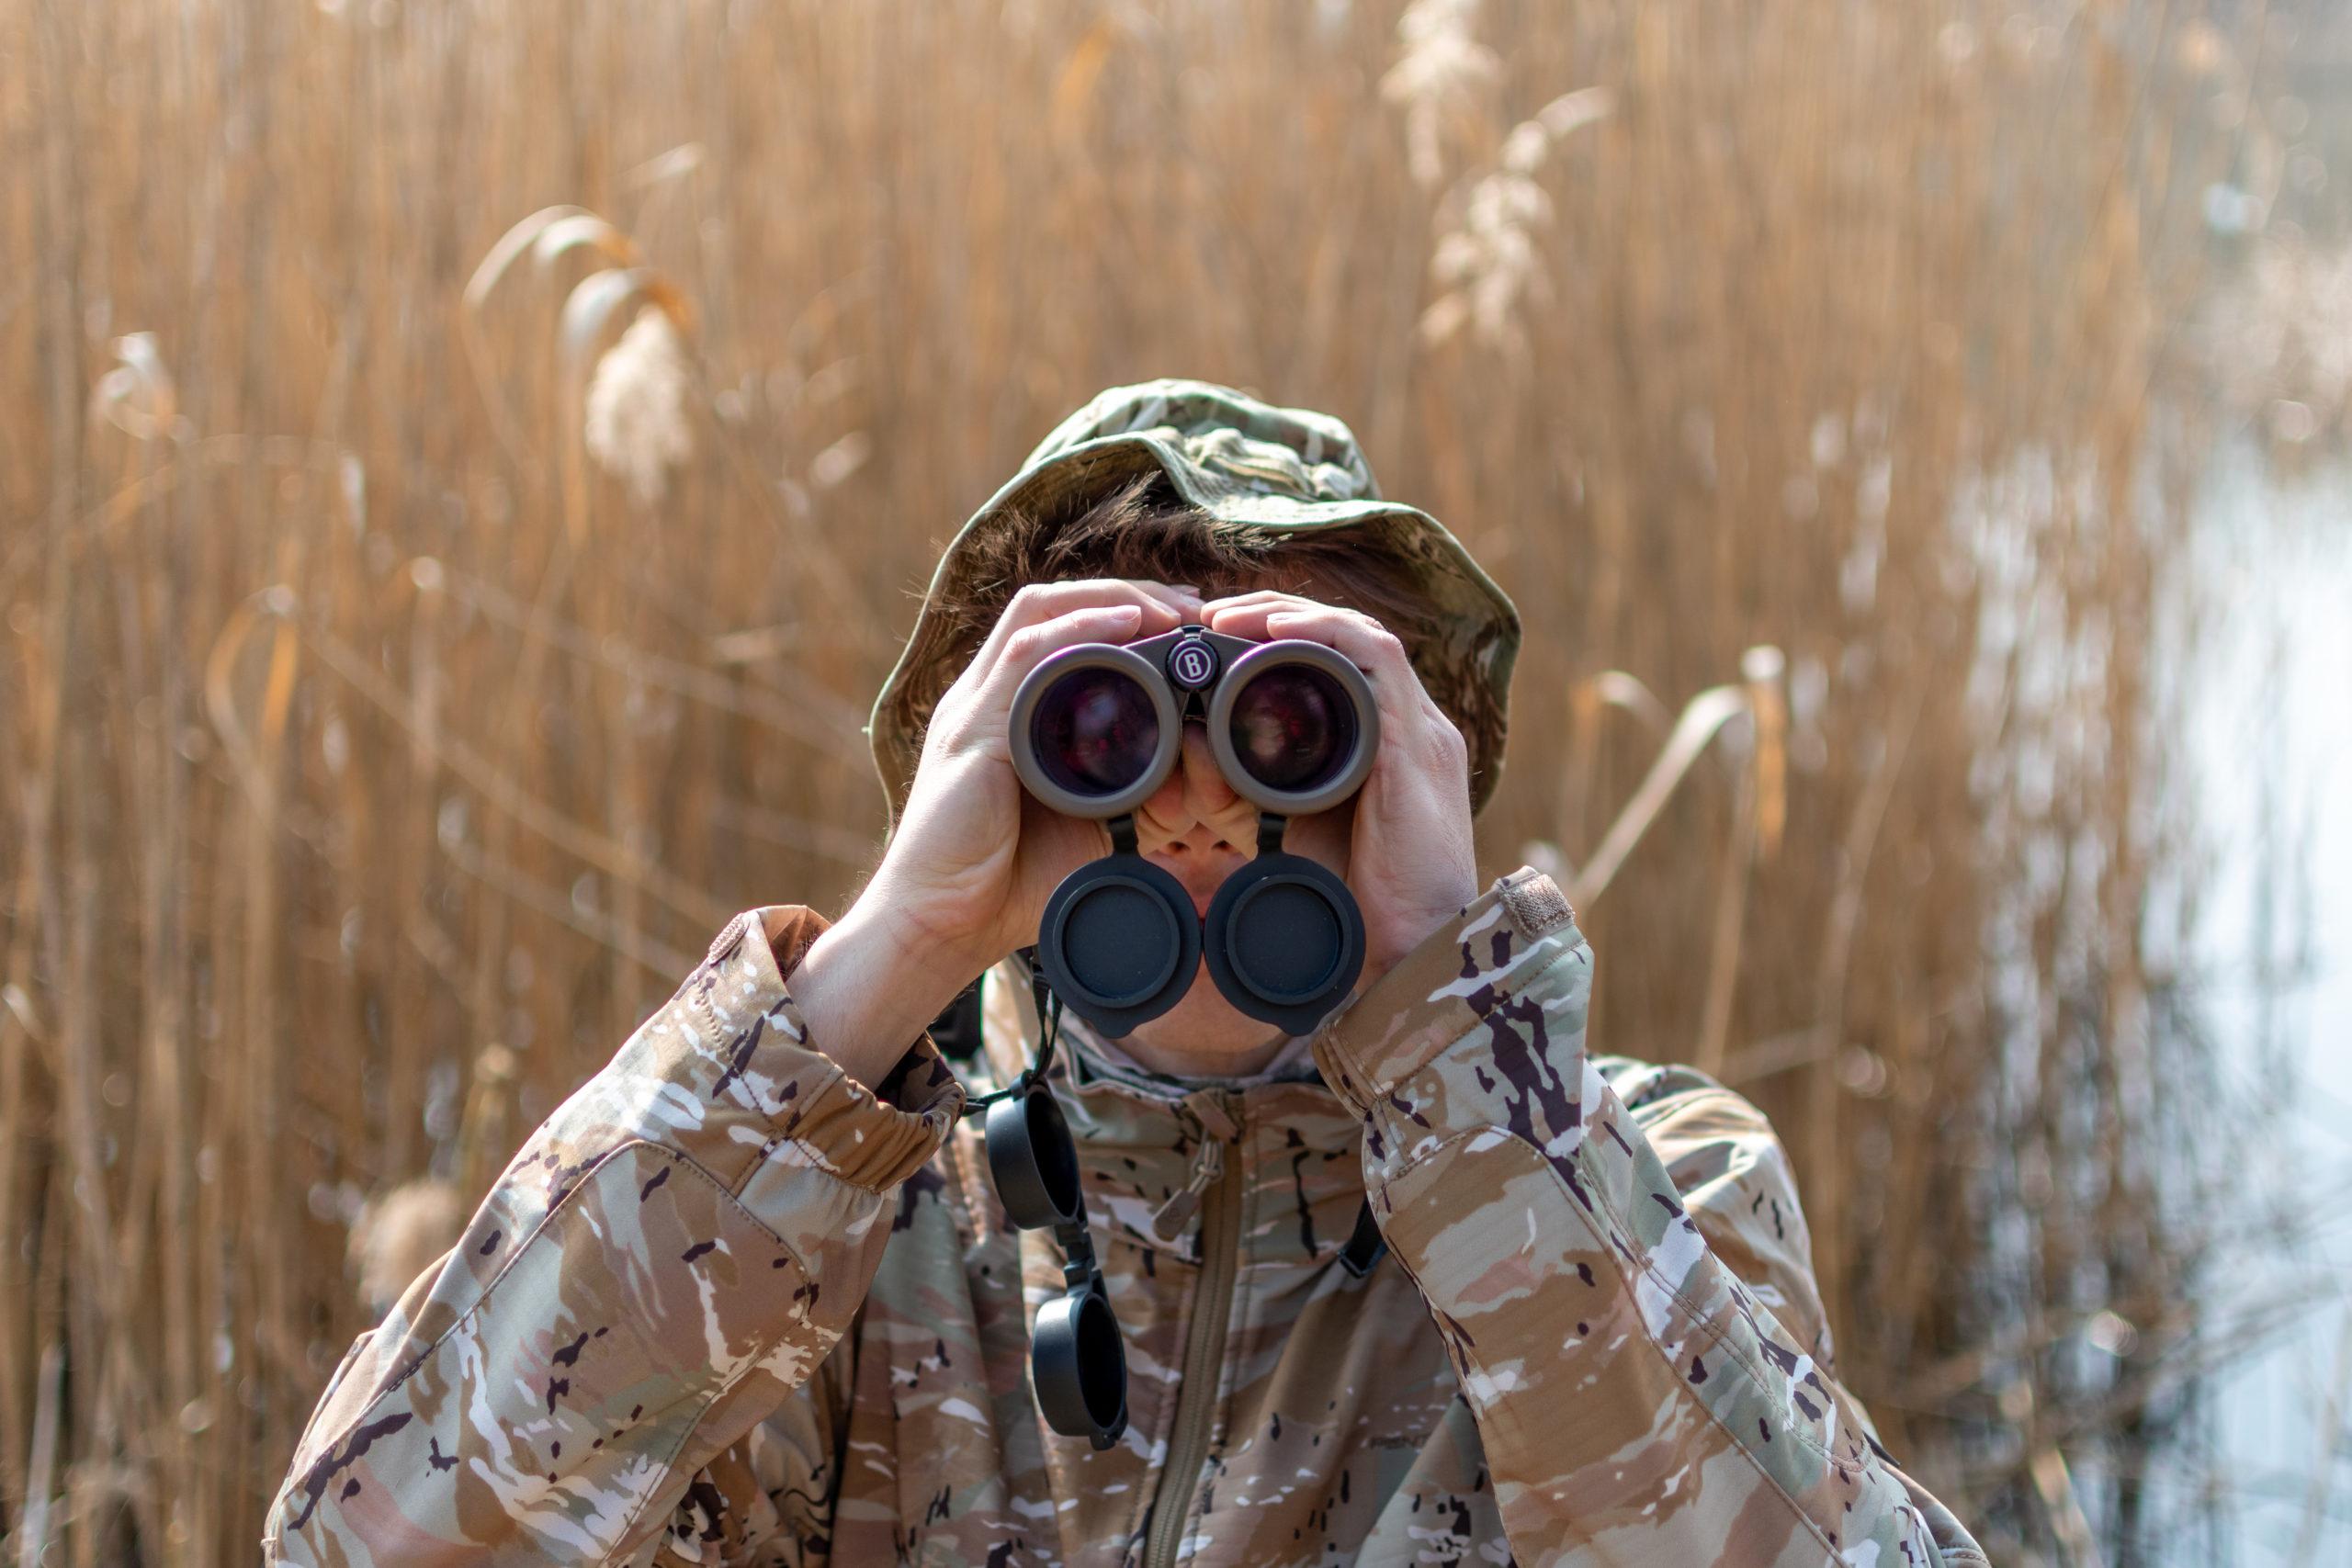 Ornitologia dla początkujących. Jak obserwować ptaki?